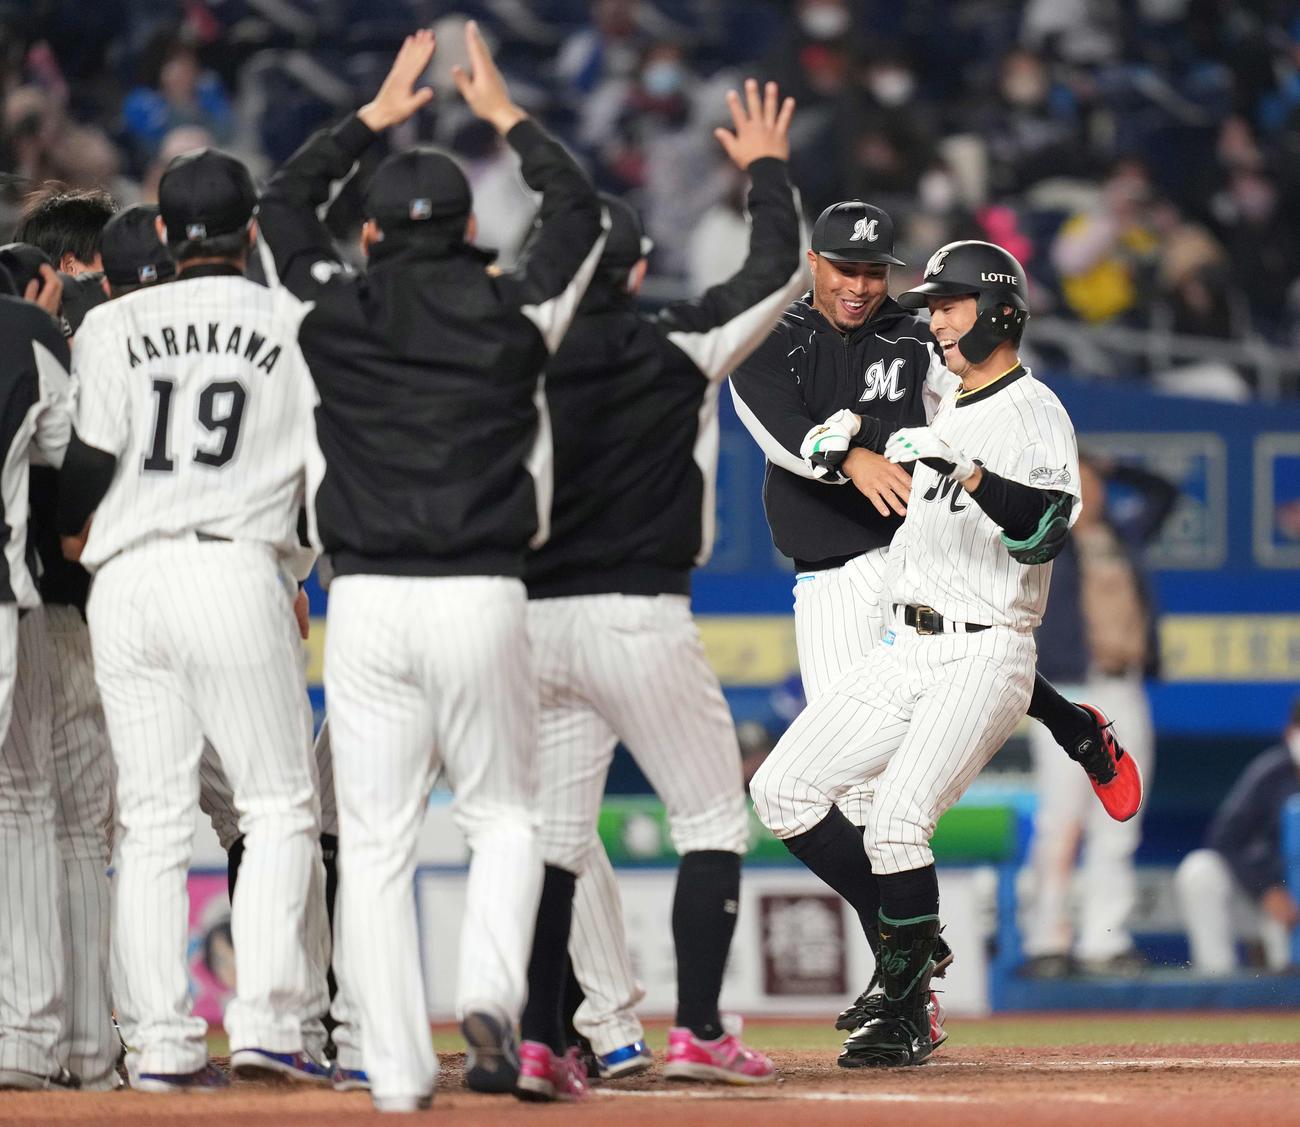 ロッテ対日本ハム 9回裏ロッテ2死一塁、サヨナラの中越え2点本塁打を放った岡(右)はナインの歓喜の輪に飛び込む(撮影・鈴木みどり)